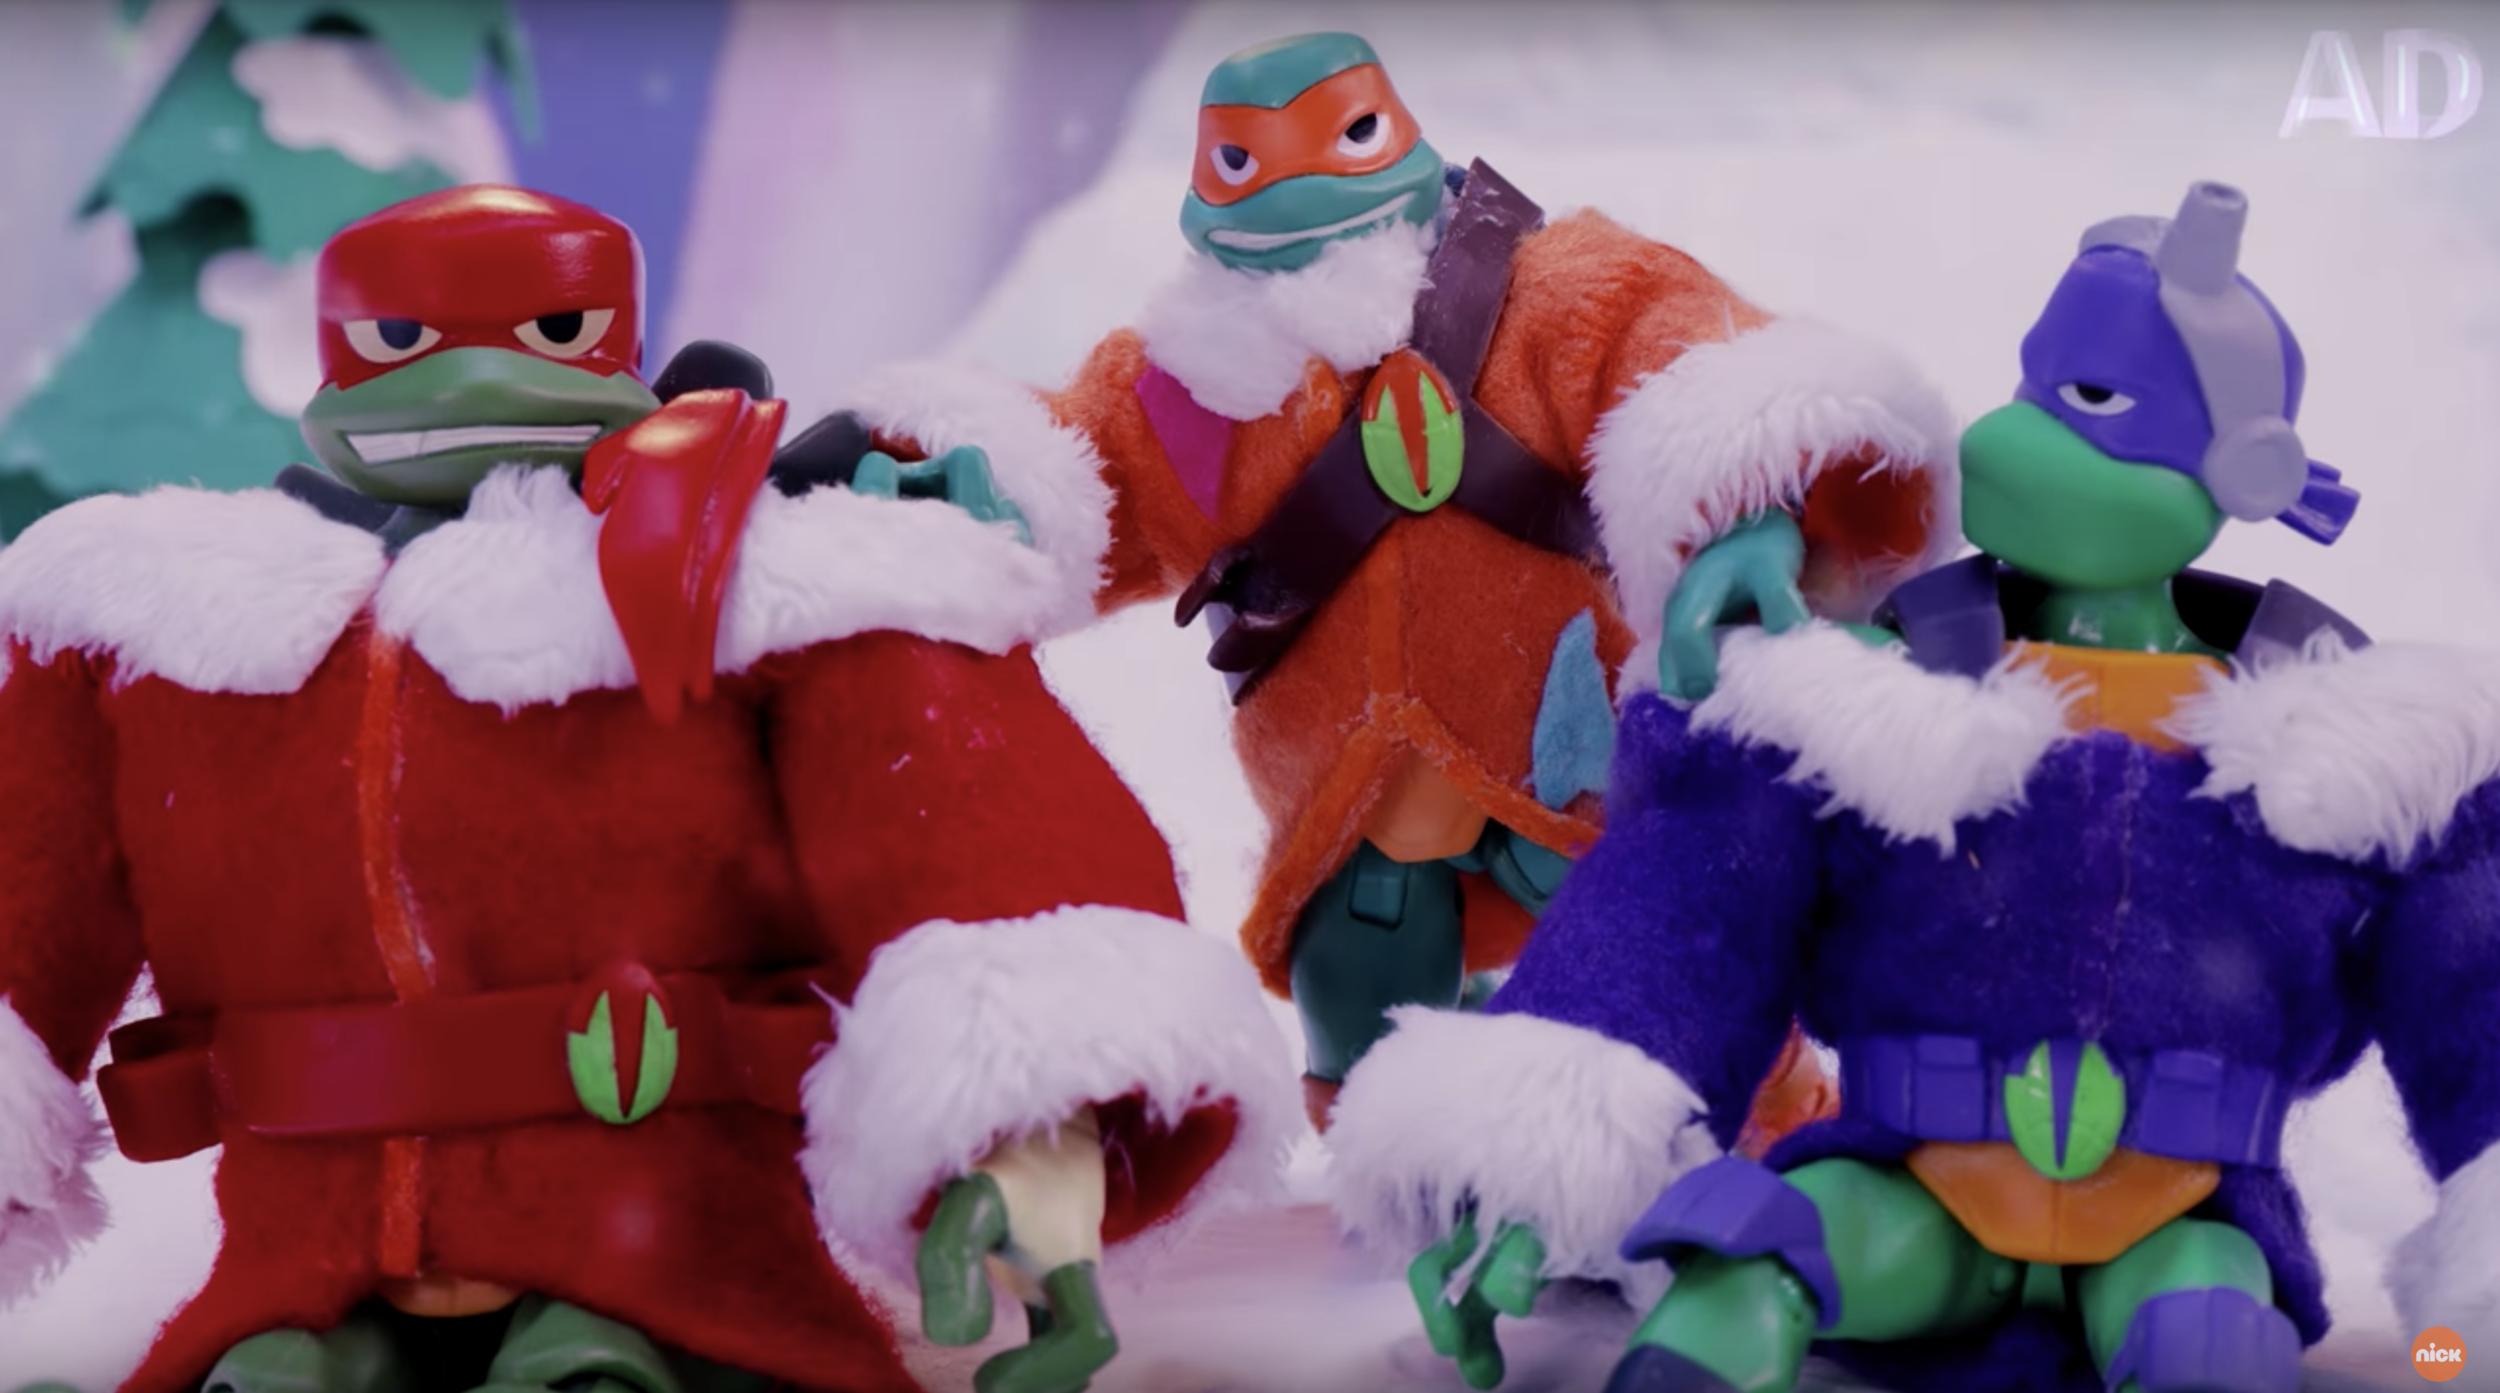 TMNT Action Figures FIGHT Snowmen!